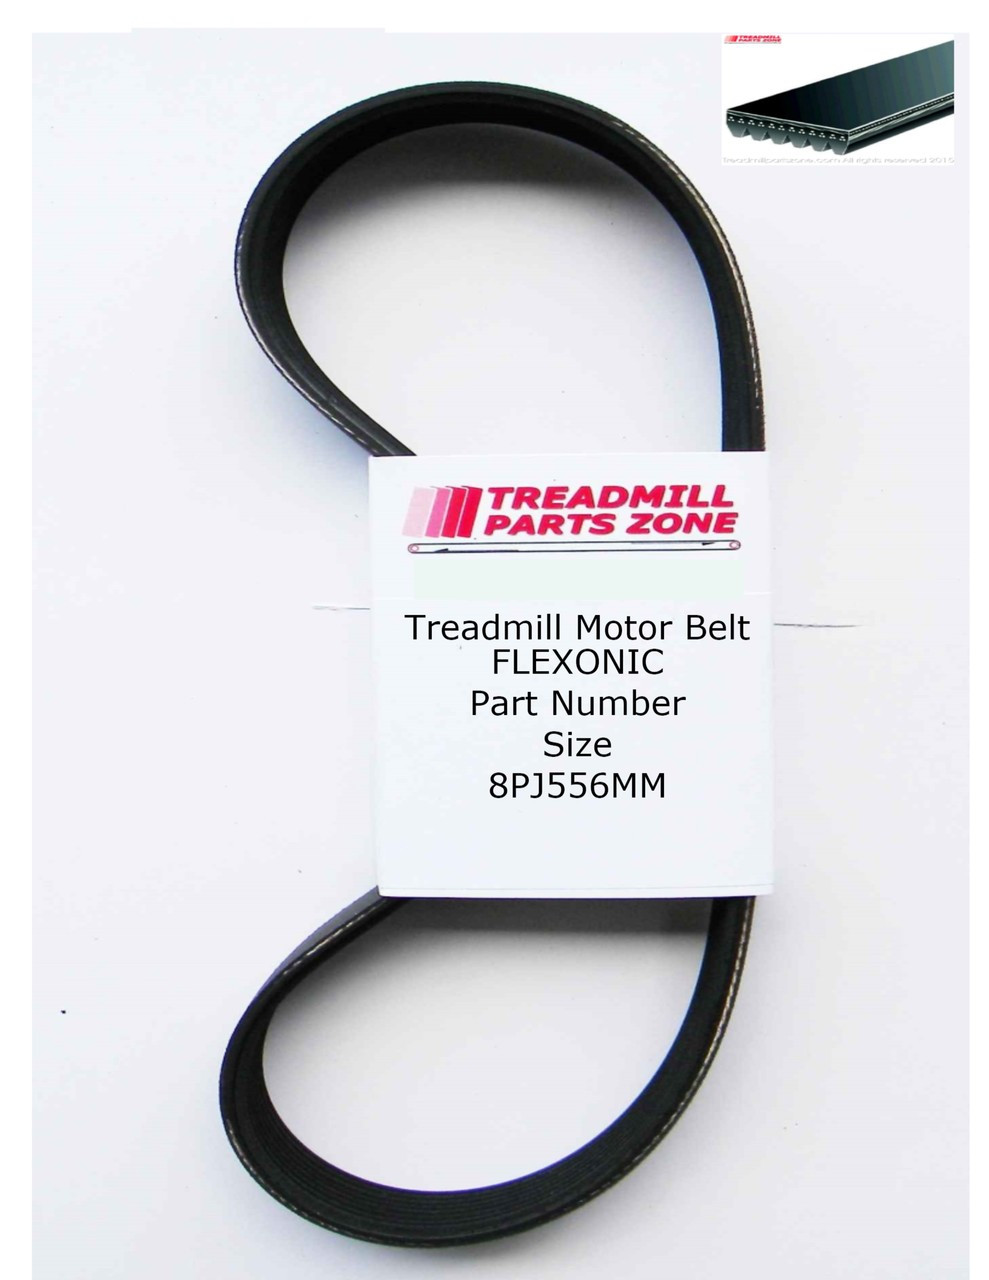 Treadmill Motor Belt Flexonic Part Number 8PJ556MM